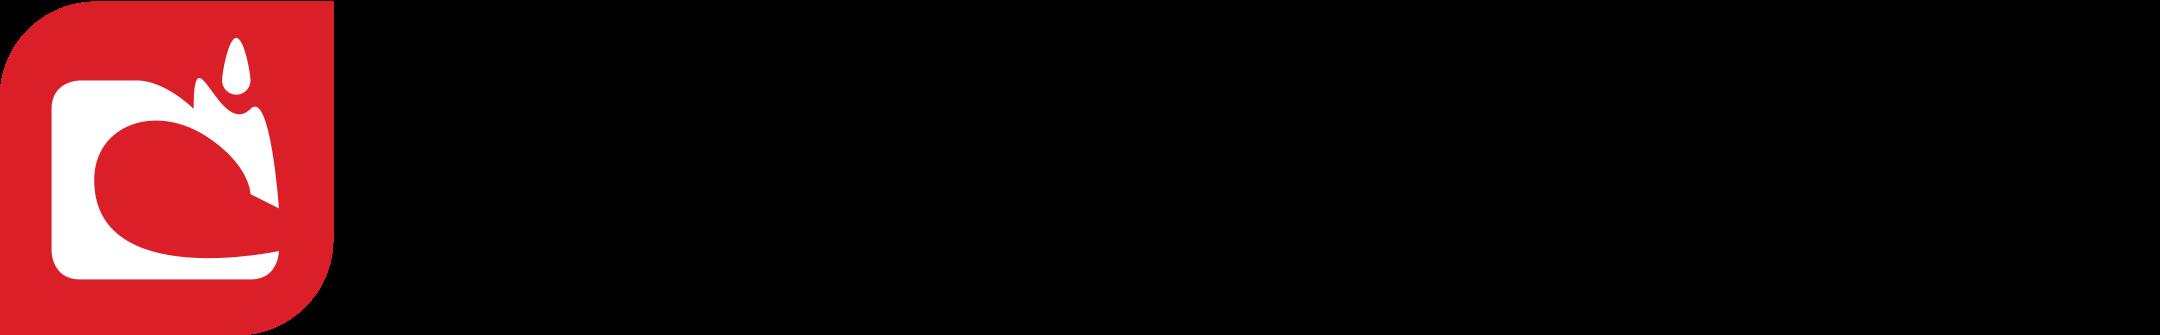 mojang logo 1 - Mojang Logo